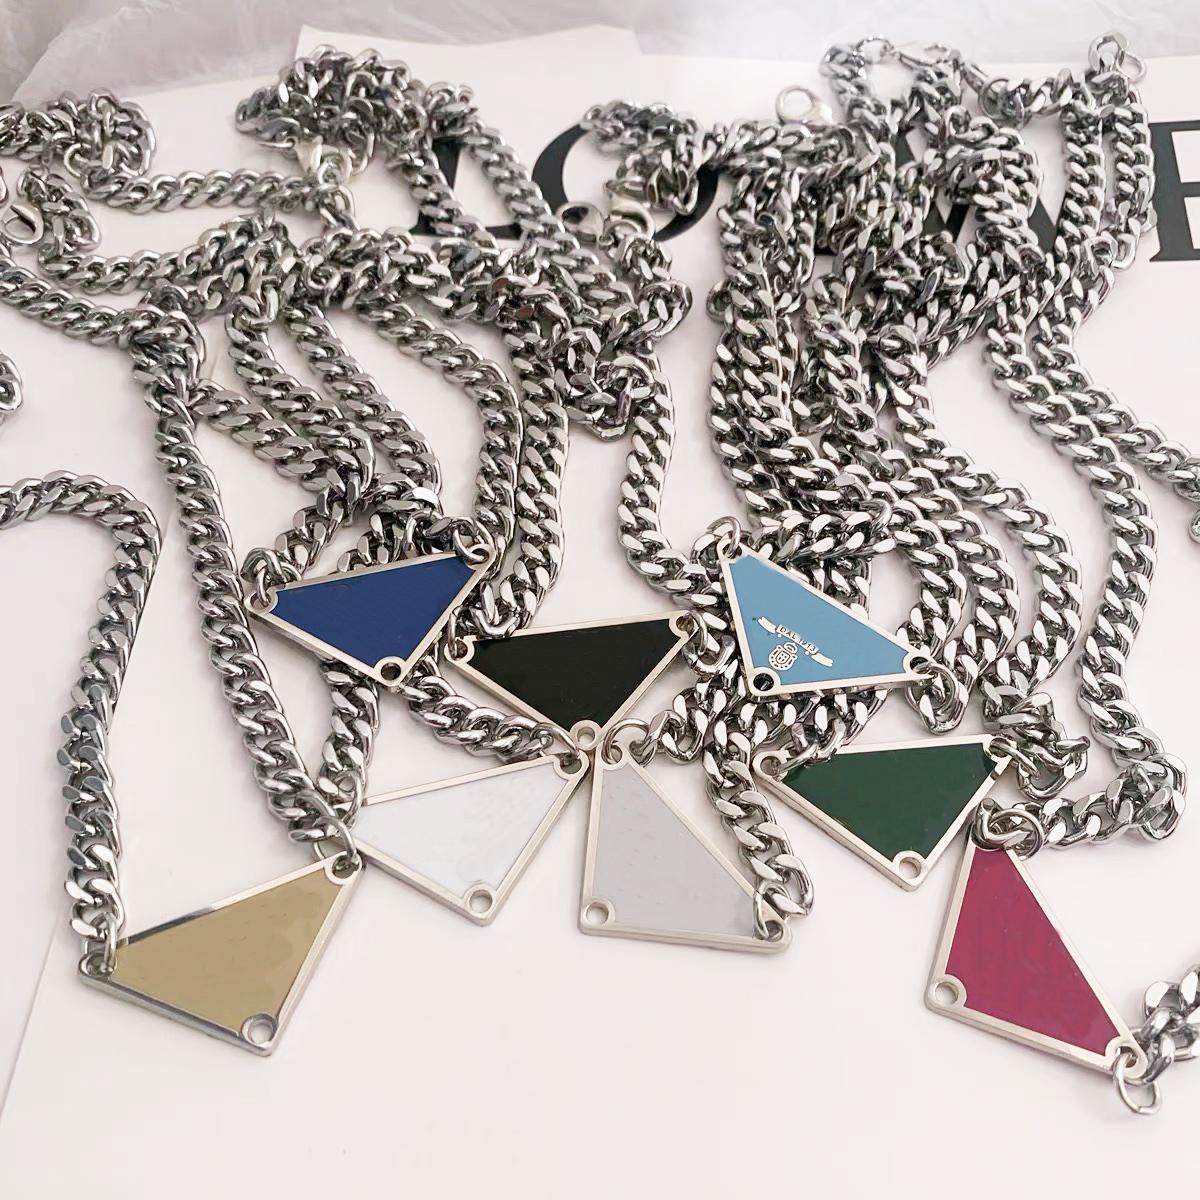 2021 Luxurys продажа кулон ожерелья мода для мужчины женщина 48см перевернутый треугольник дизайнеры бренда ювелирные изделия мужские женские высокое качество 19 модель опционально